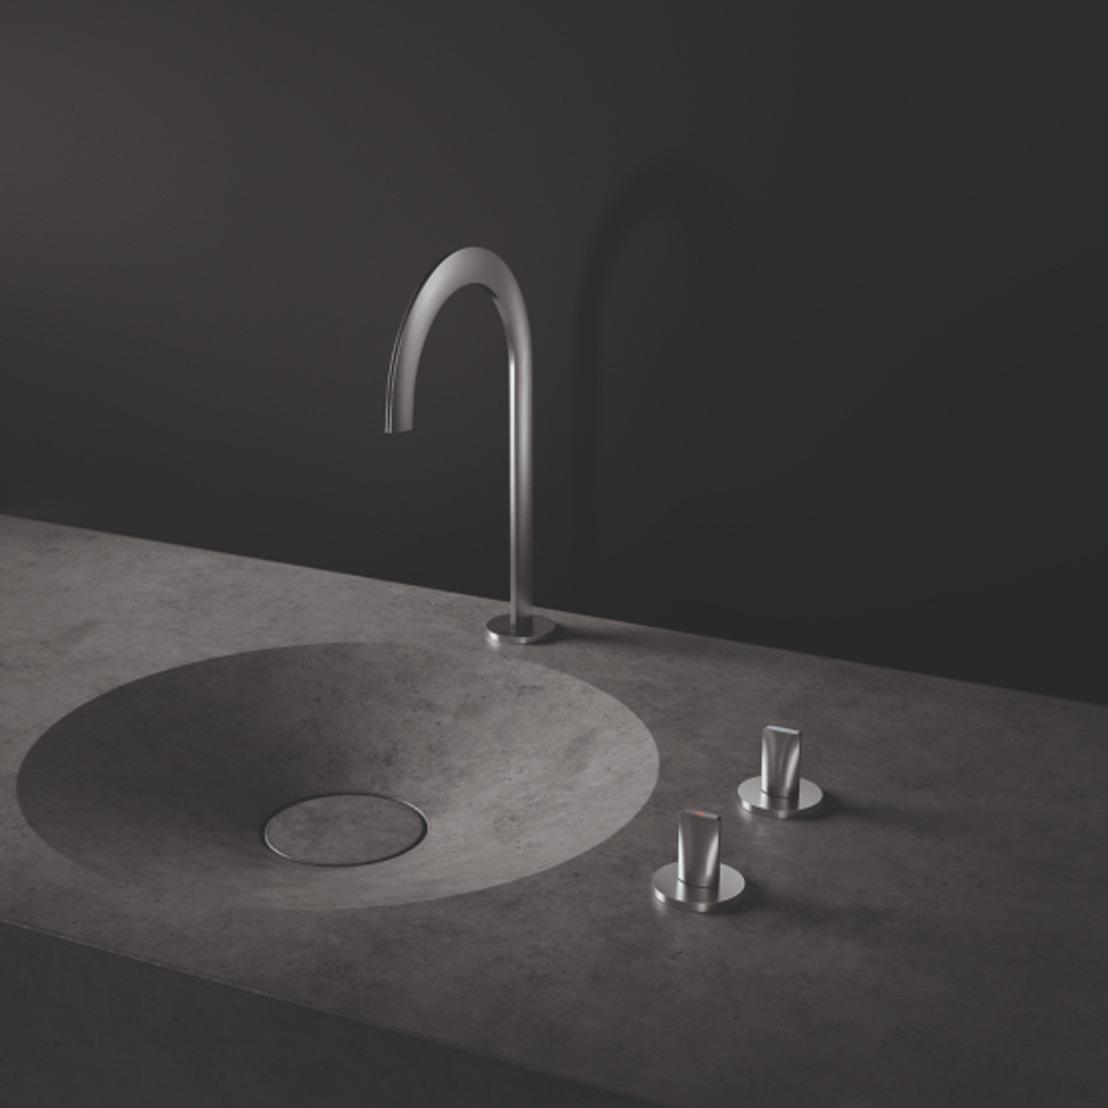 GROHE présente les premiers robinets métalliques imprimés en 3D – Shaping the future of water